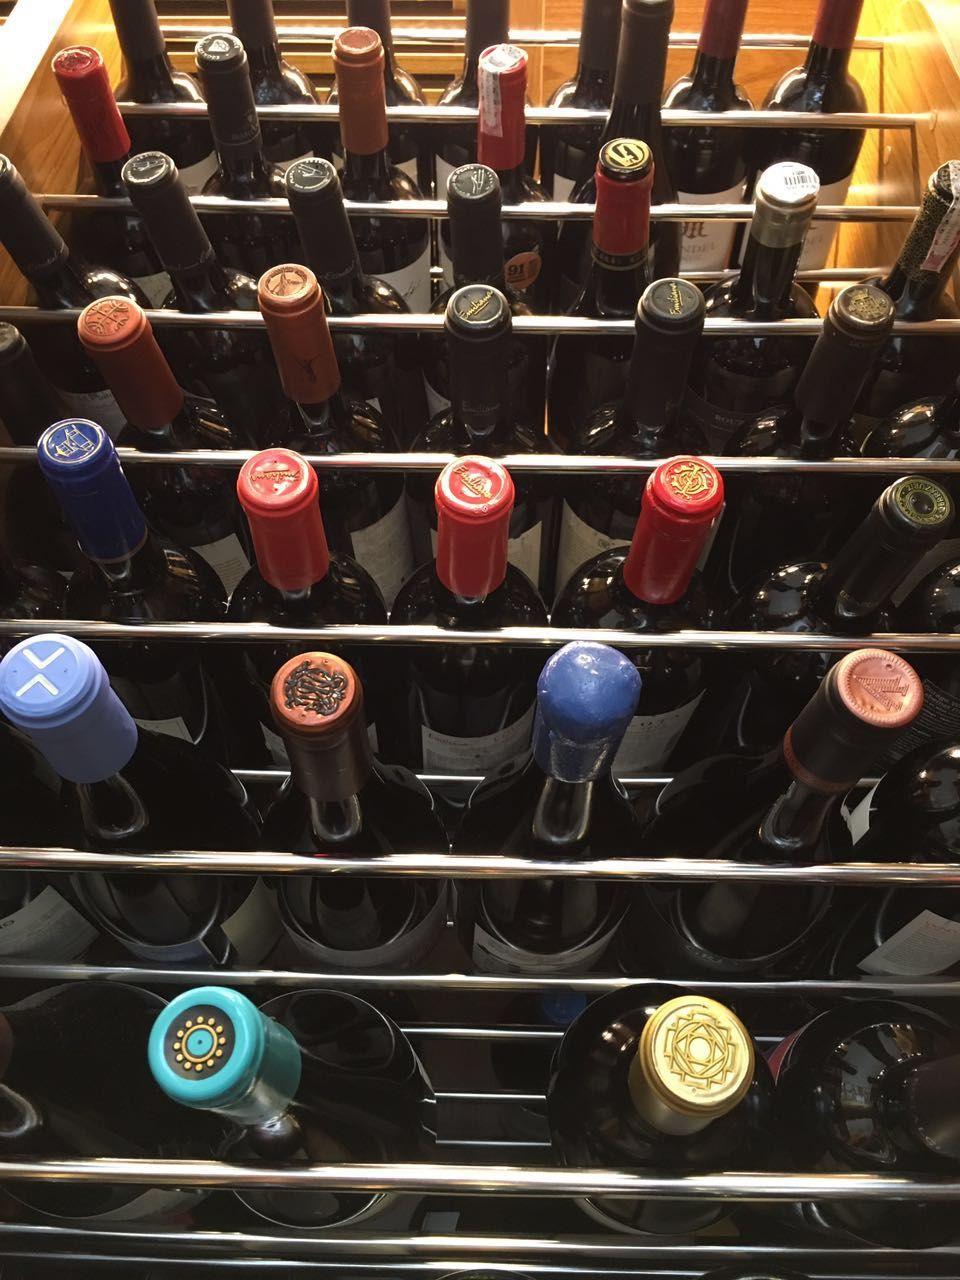 Como montar uma adega em casa – dicas do especialista para quem quer começar do zero. Gosta de vinhos? Imperdível essa matéria!